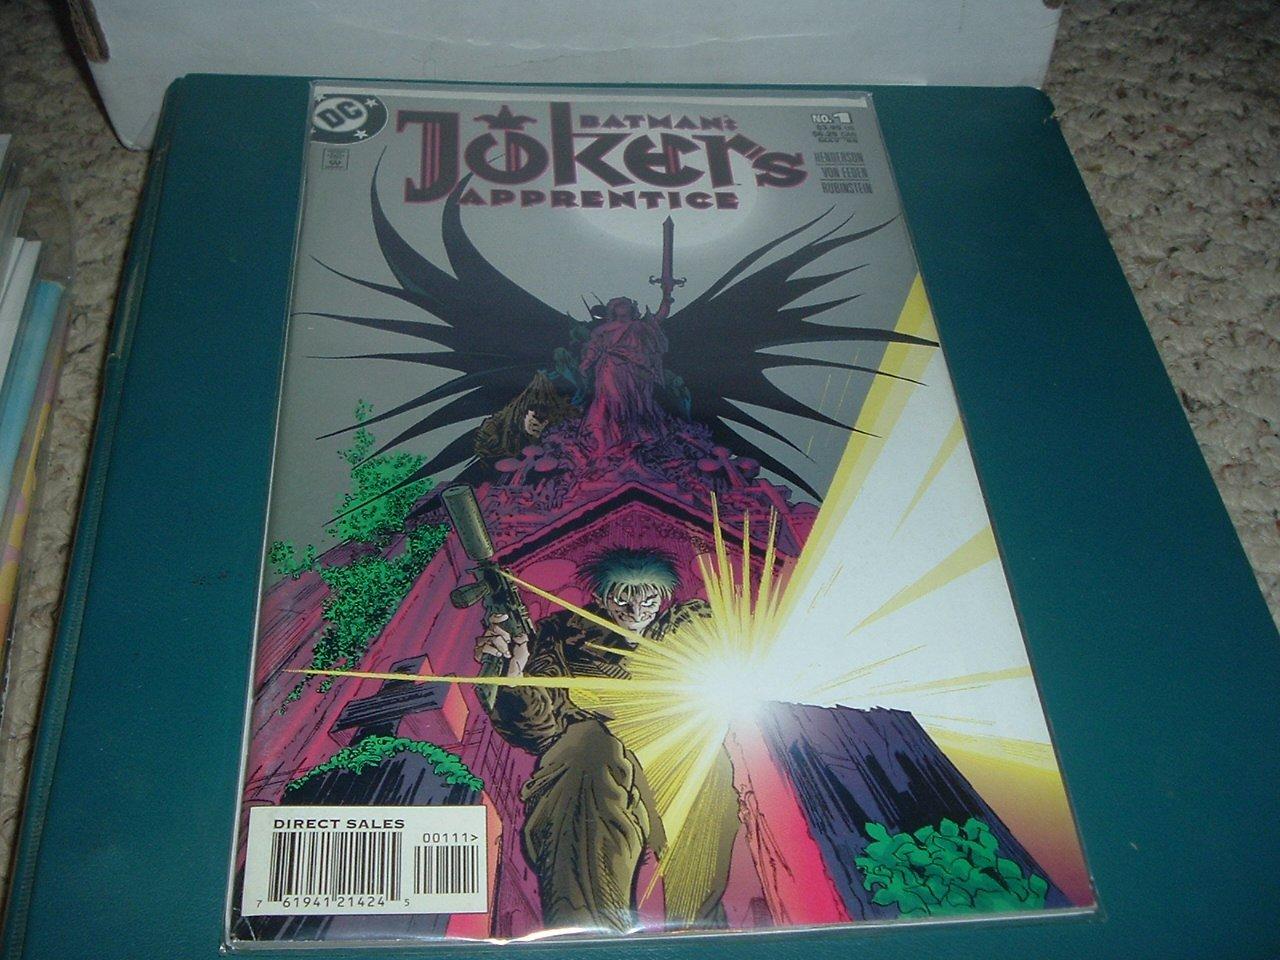 56 Pages: Batman: Joker's Apprentice #1 1-Shot Graphic Novel VERY FINE (DC Comics) for sale